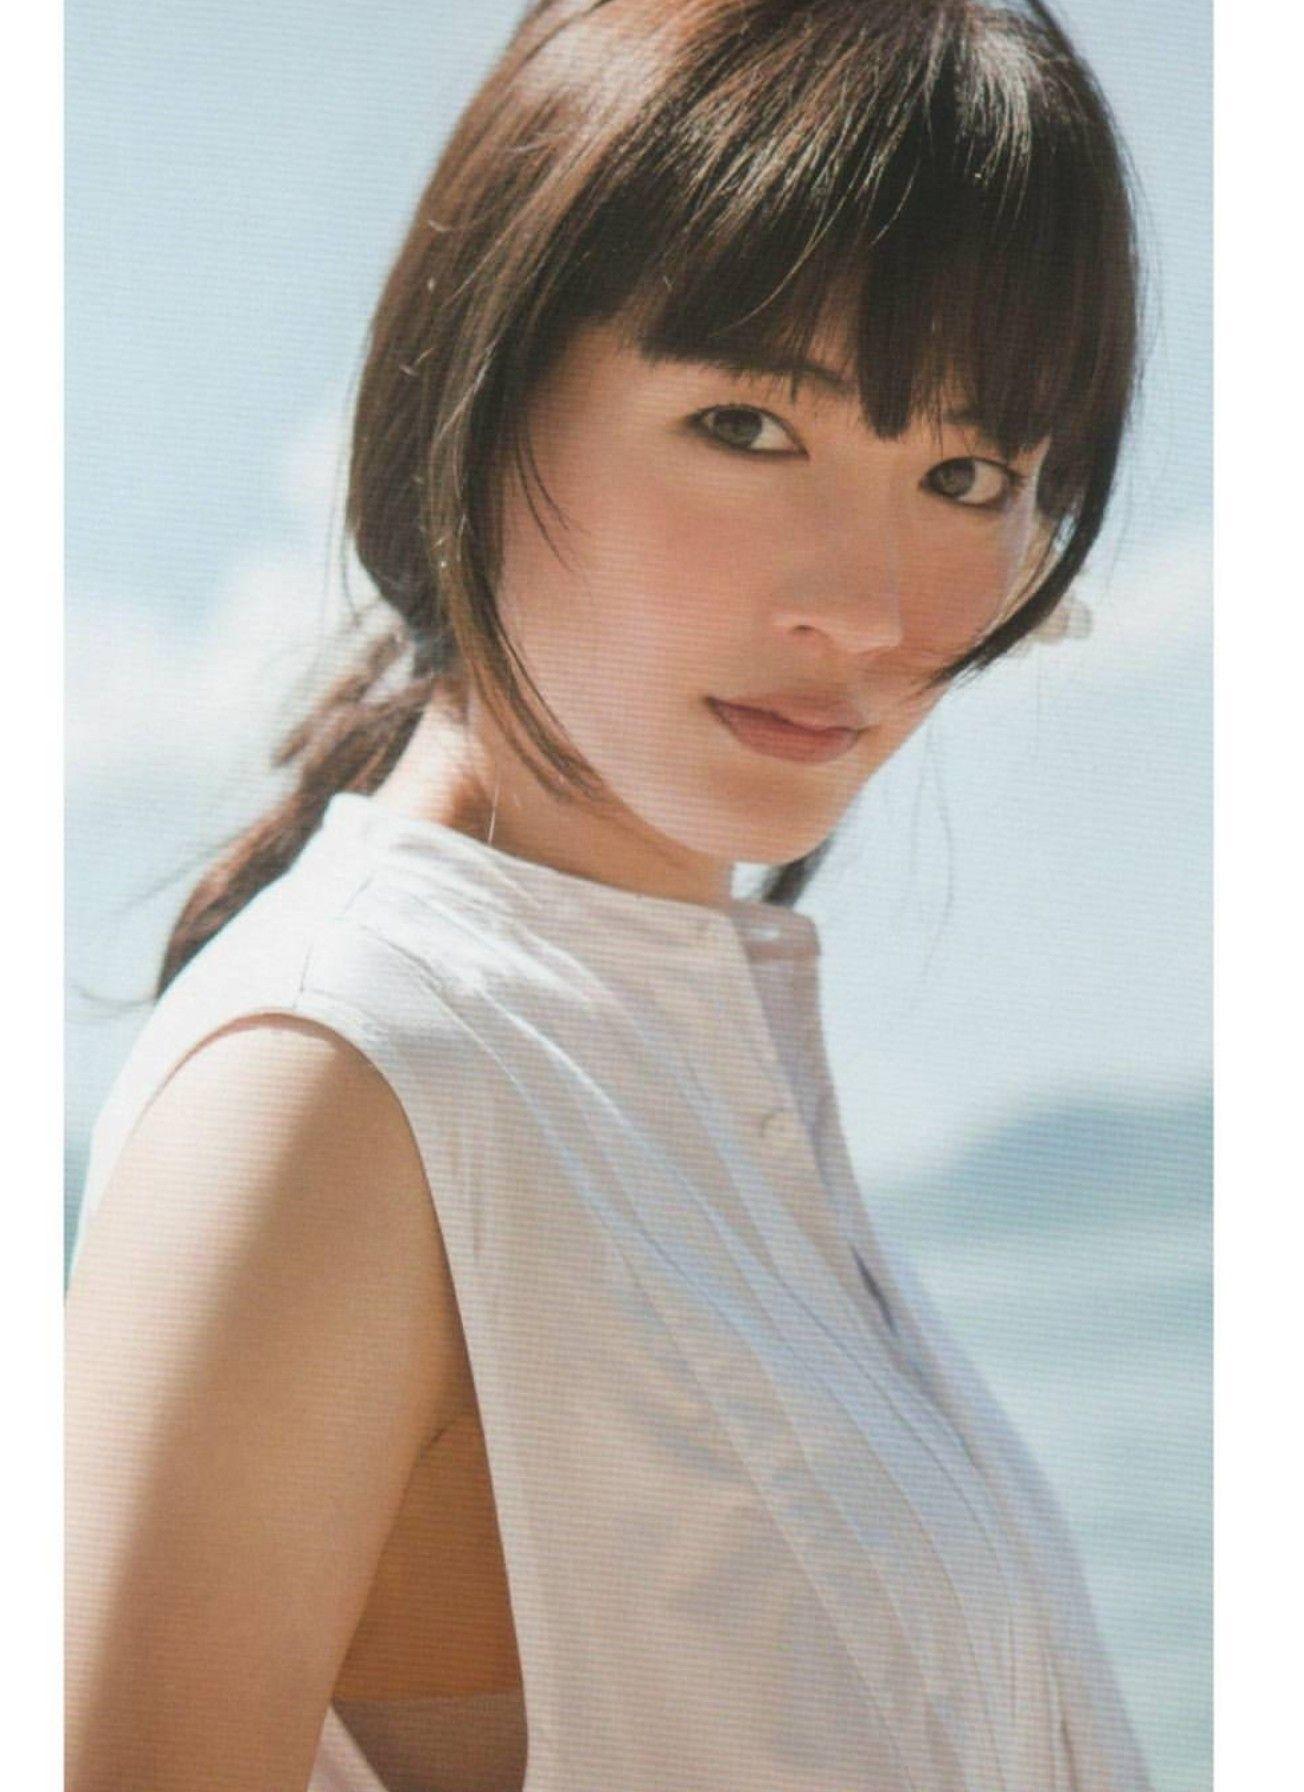 Ayaseの画像 p1_30